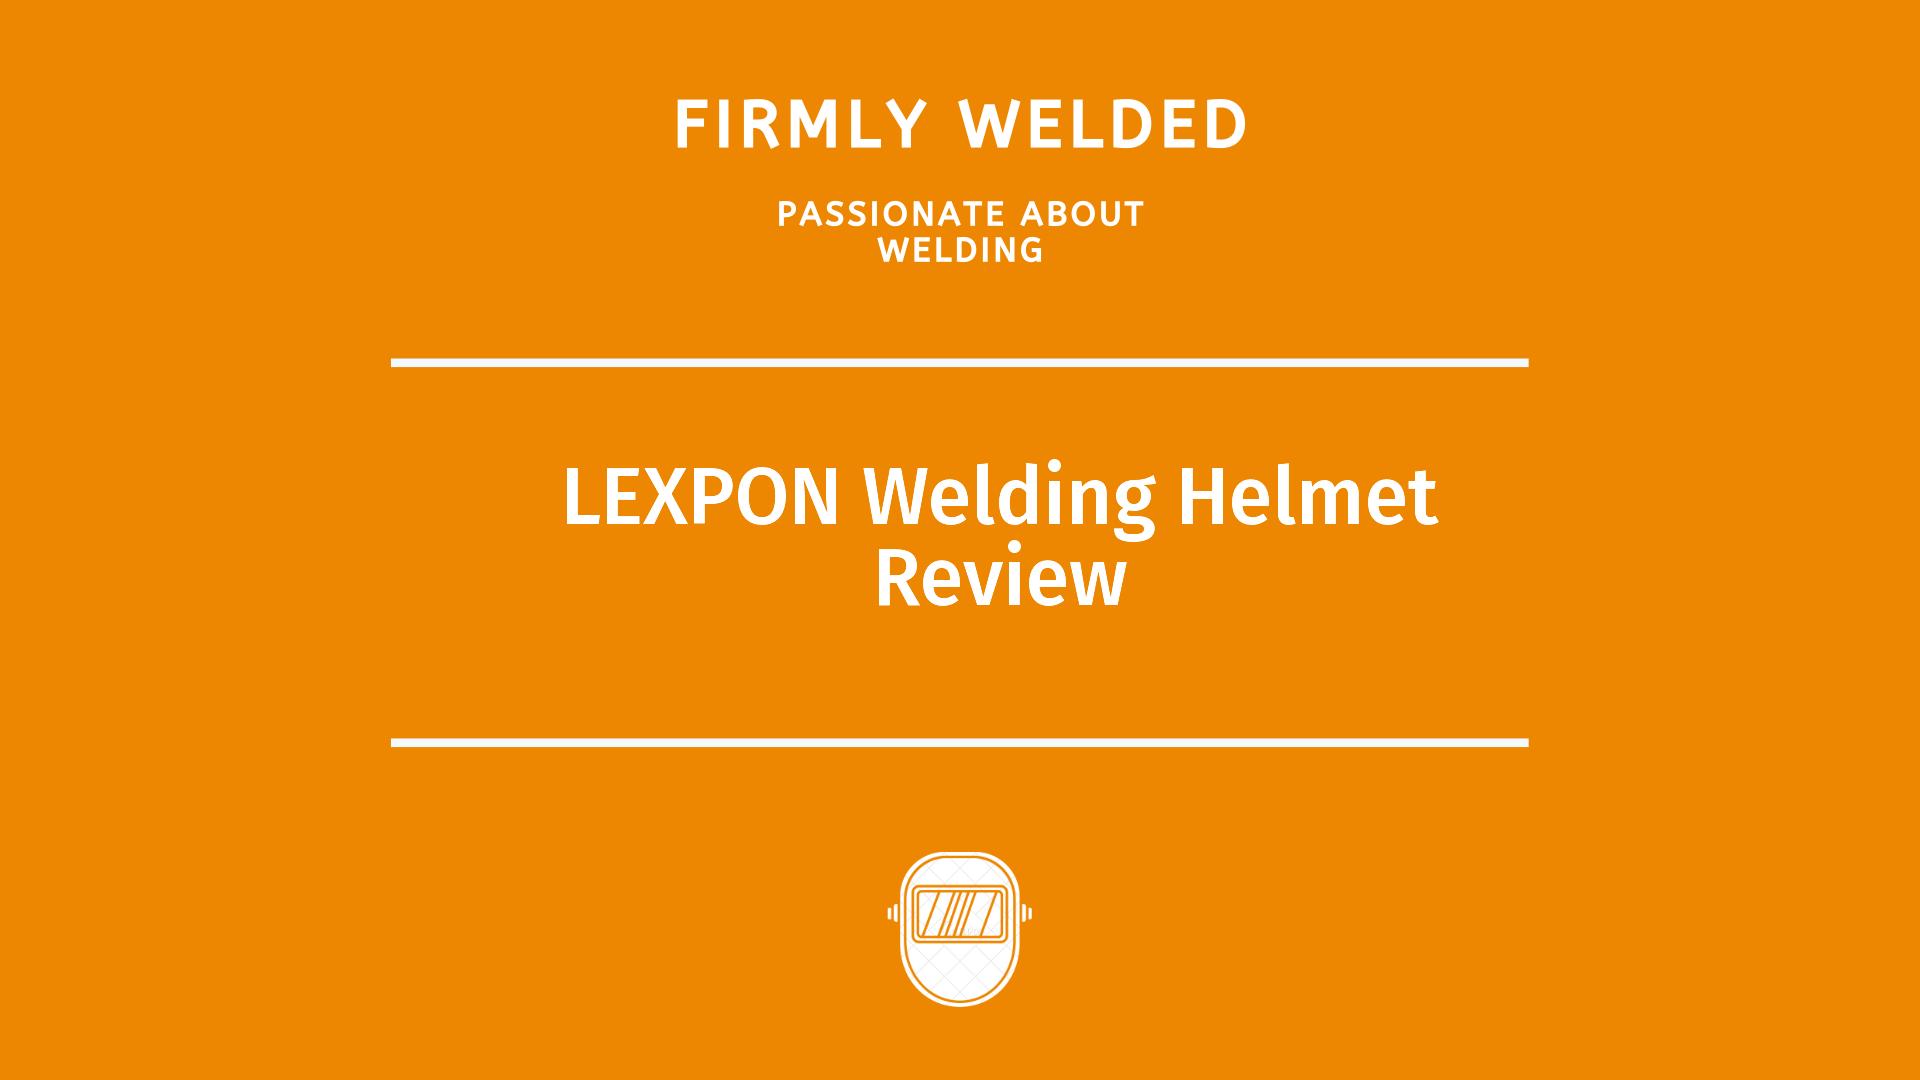 LEXPON Welding Helmet Review